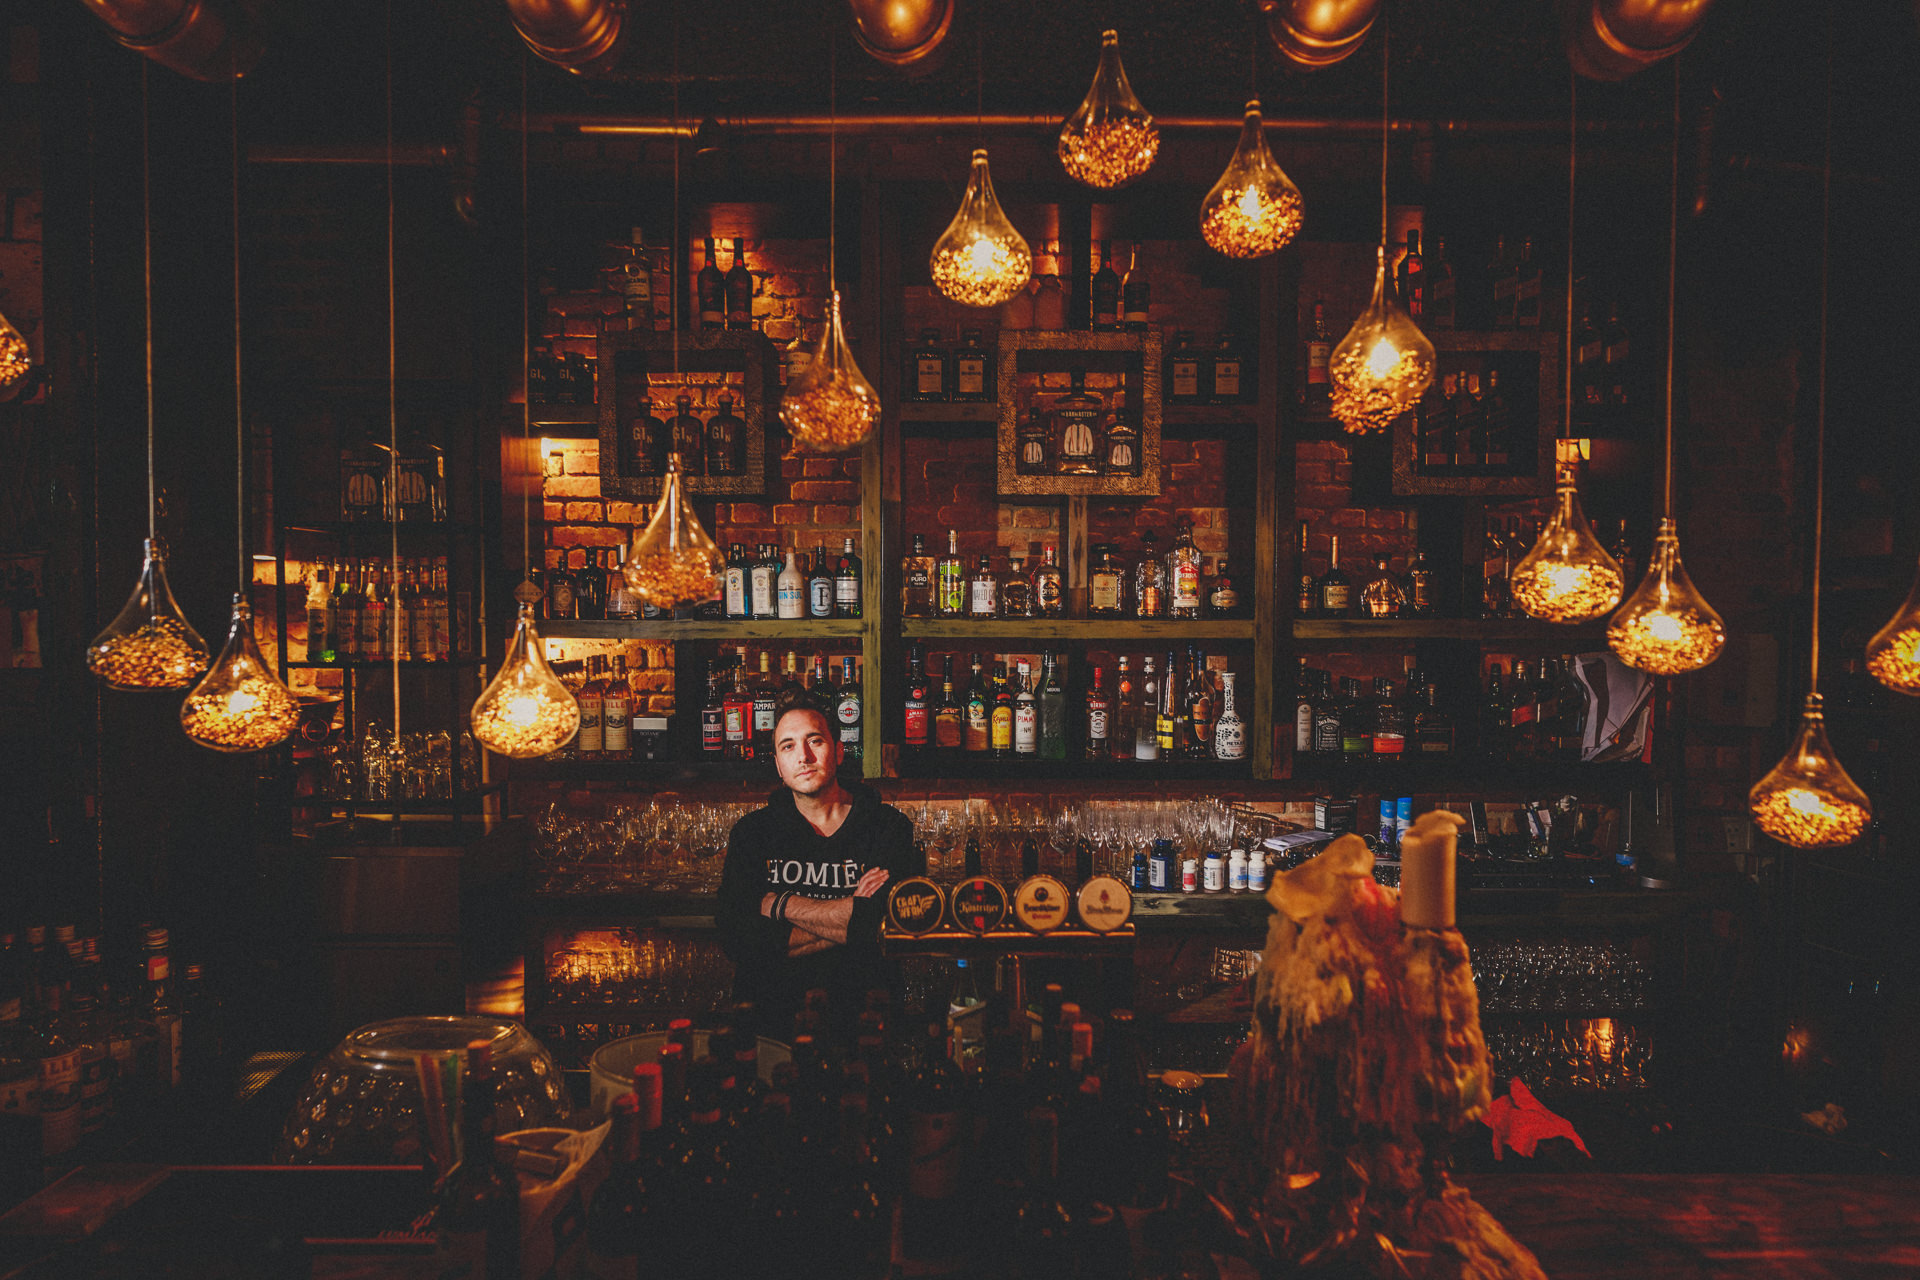 ALLES AUF STOP - Die Gesichter hinter den Schicksalen der Corona-Krise - Ein lokales Zeitdokument - Portraet-Serie - Corona Fotograf Giessen, Marburg, Wetzlar - 01